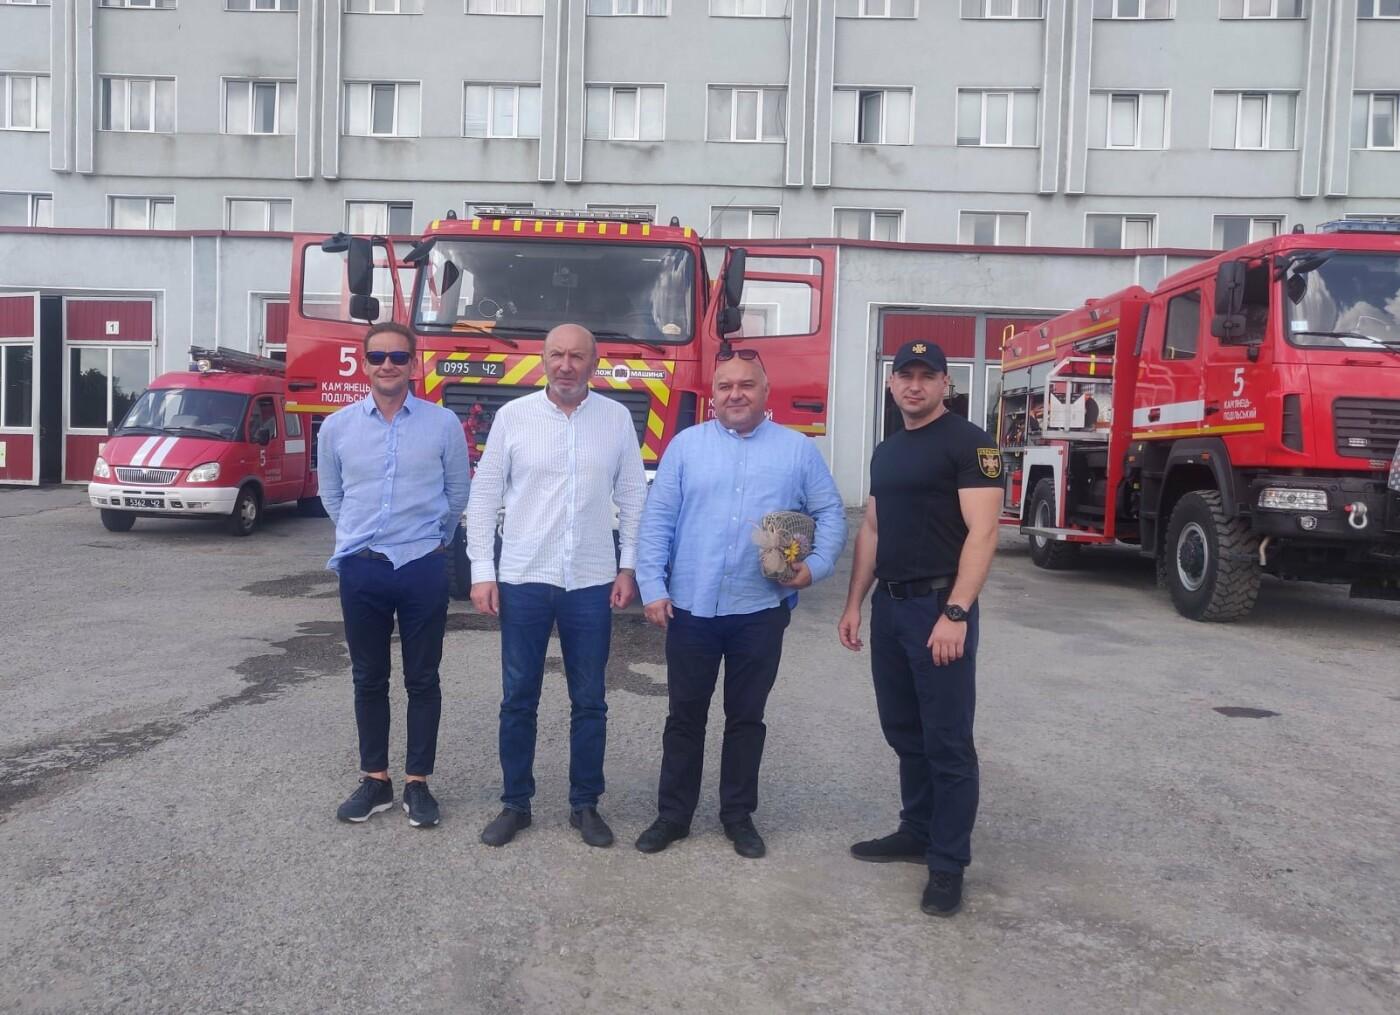 Польскі гості у Кам'янці, Фото: пресслужба порятунку 101 Кам'янця-Подільського